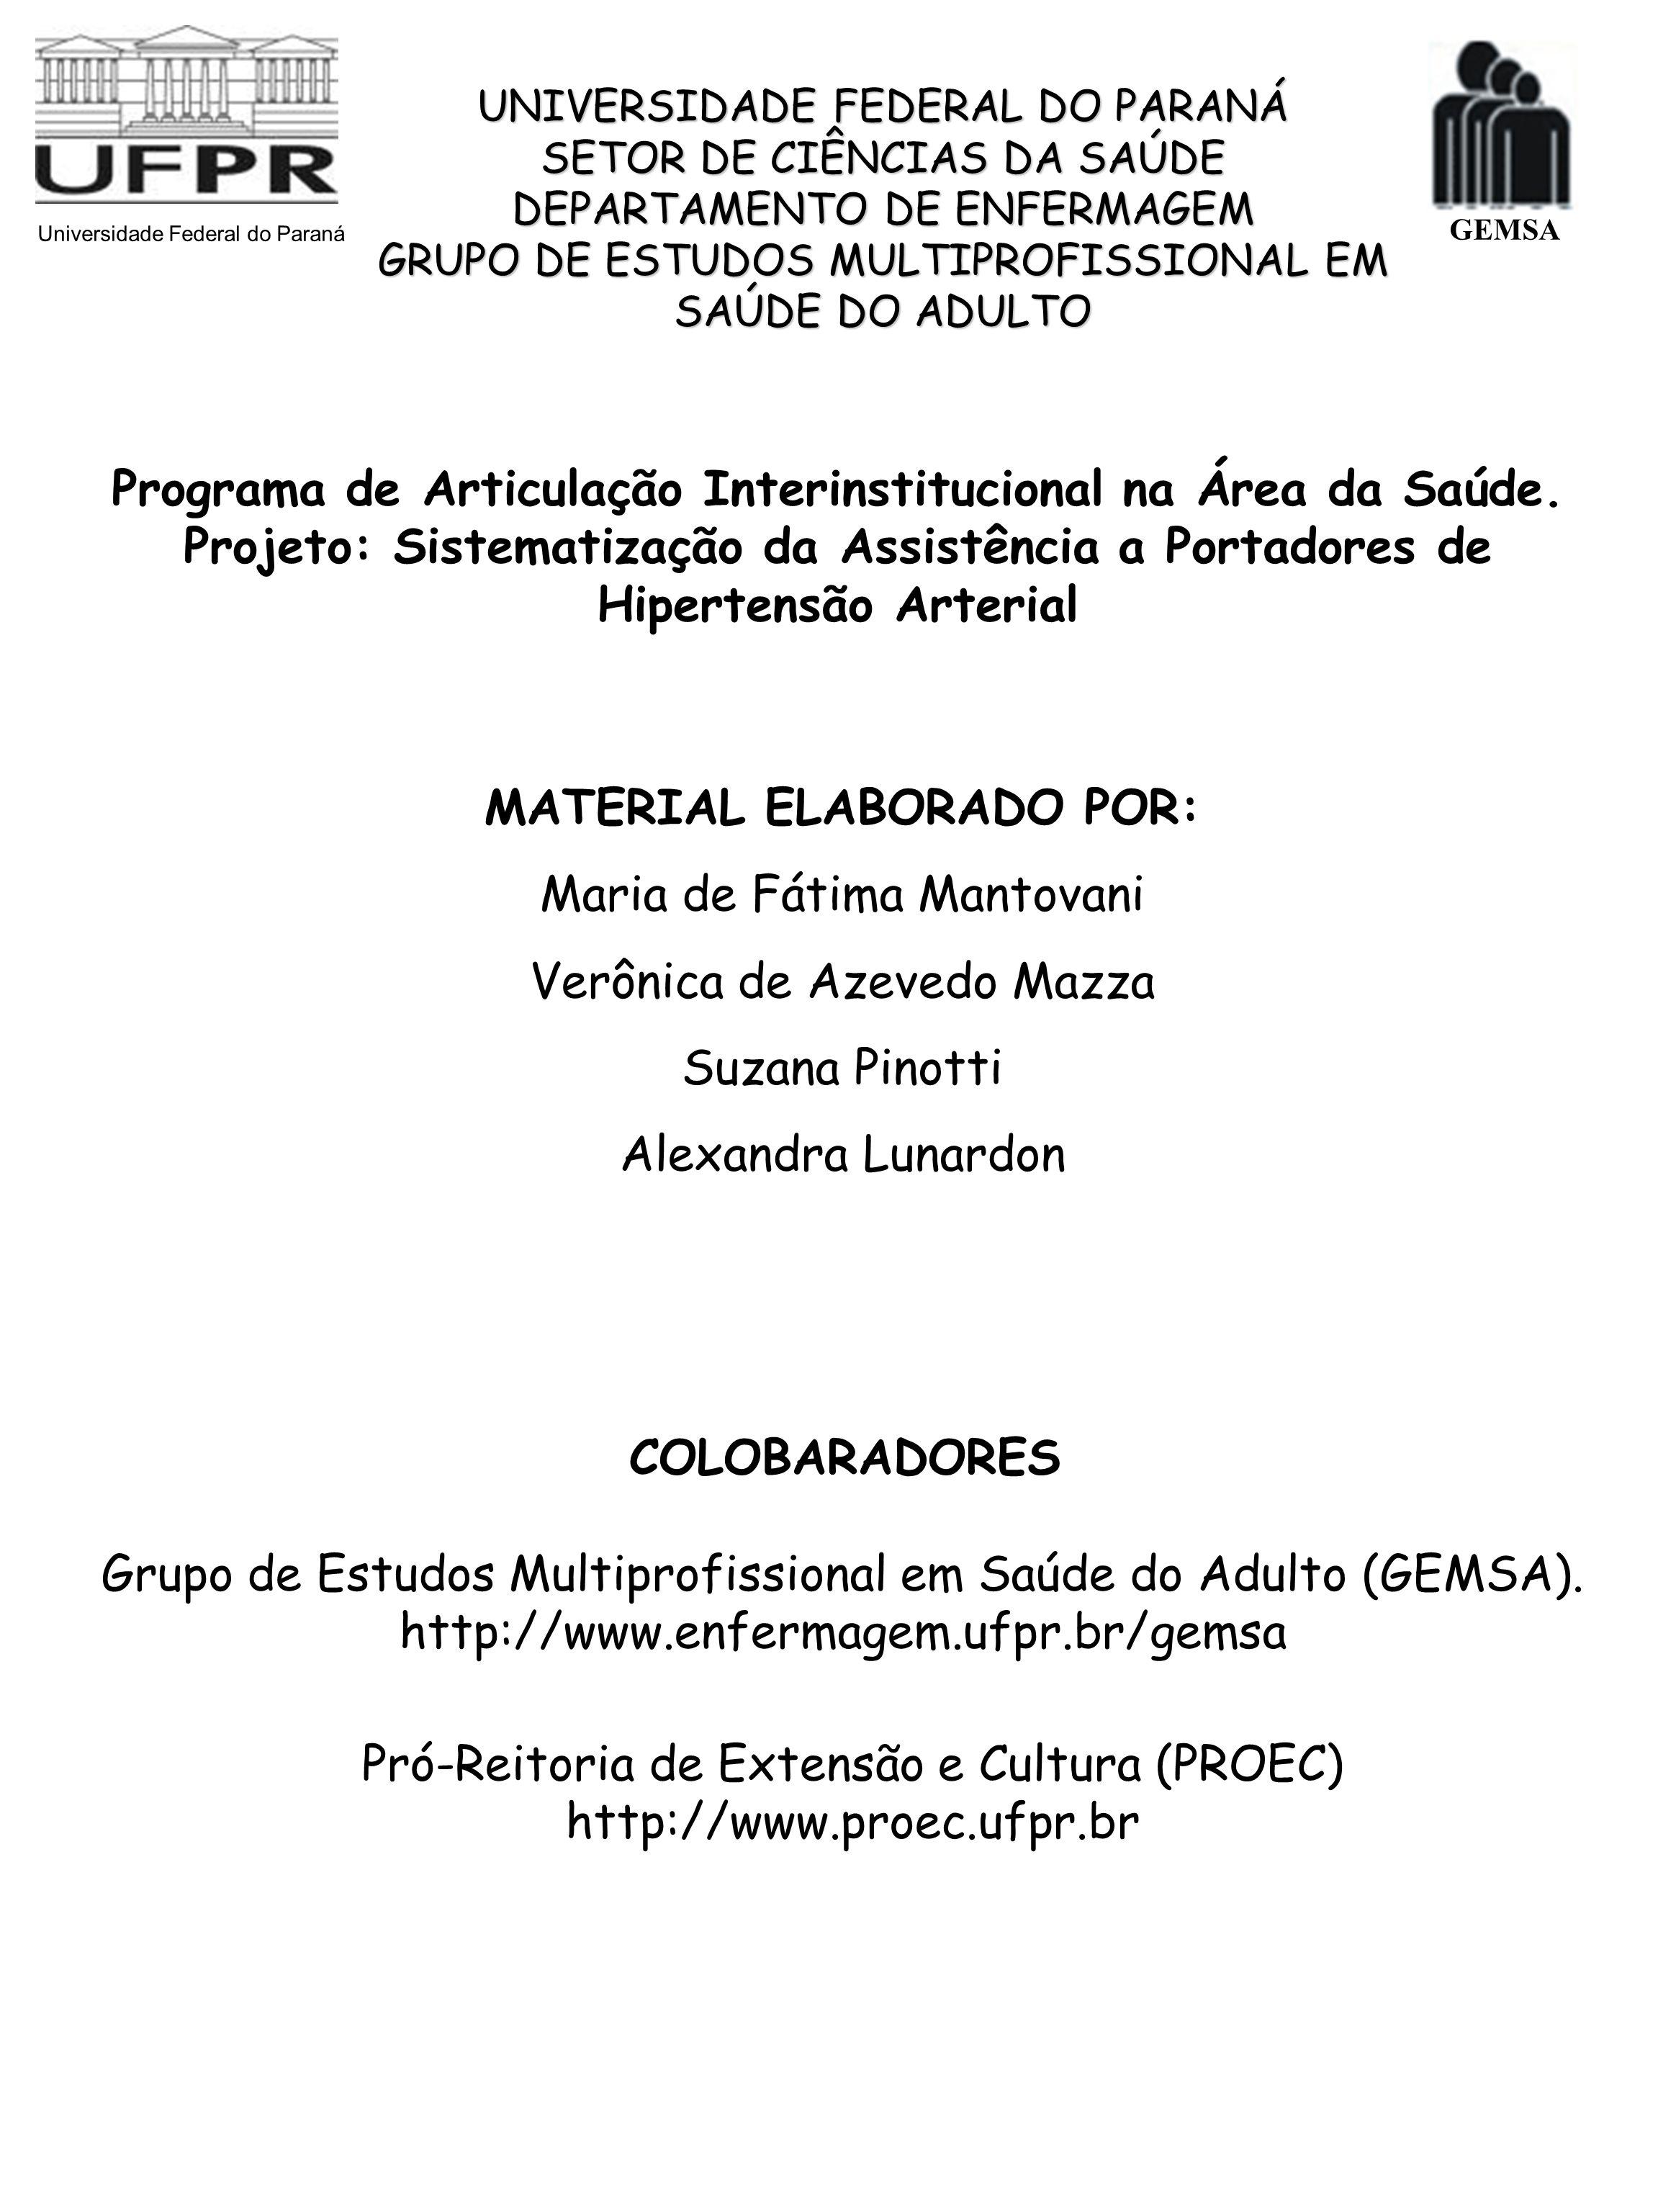 GEMSA MATERIAL ELABORADO POR: Maria de Fátima Mantovani Verônica de Azevedo Mazza Suzana Pinotti Alexandra Lunardon Universidade Federal do Paraná Gru